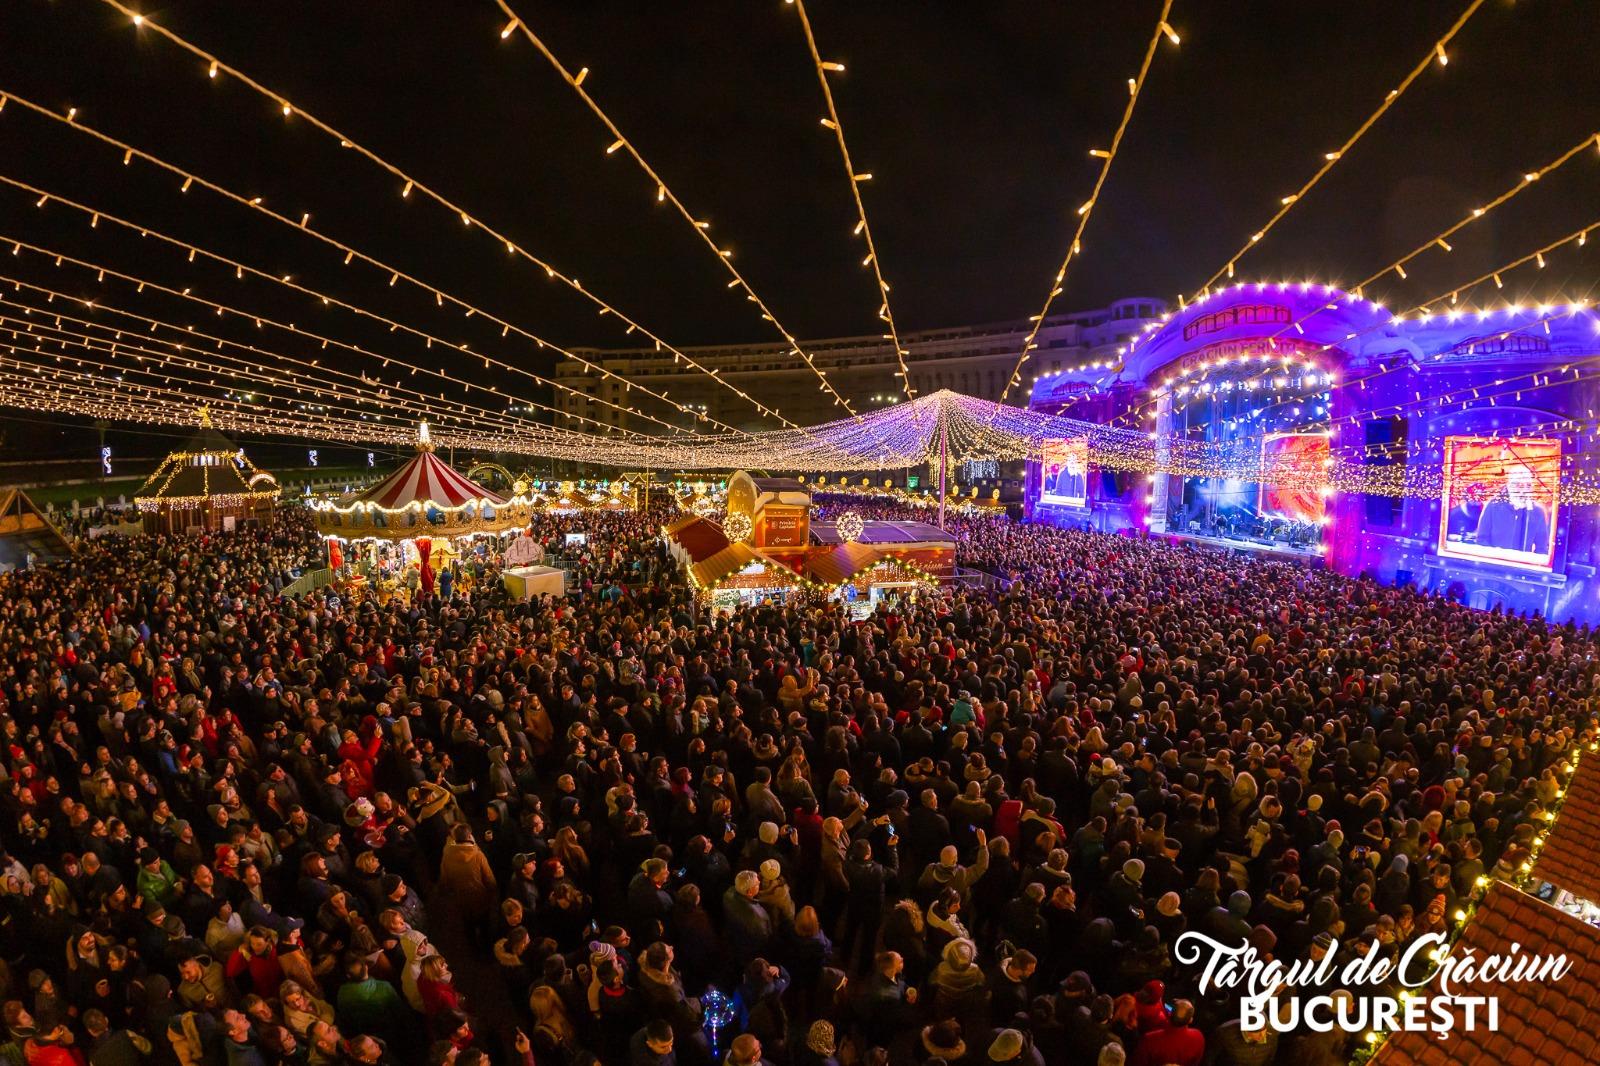 1 milion de vizitatori la Târgul de Crăciun din București afis